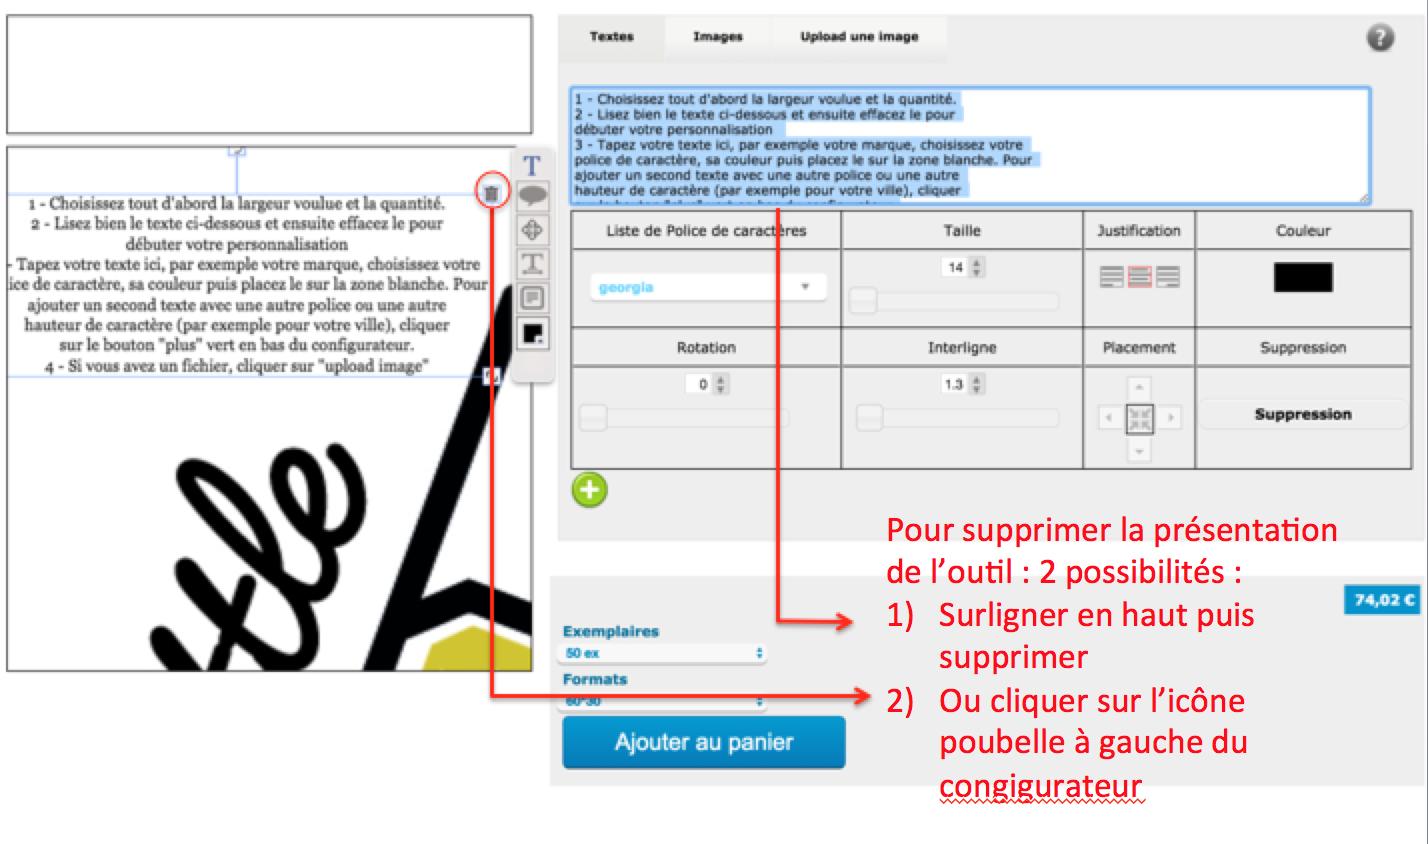 pour supprimer le texte de présentation du configurateur de vos étiquettes personnalisées pour vêtement